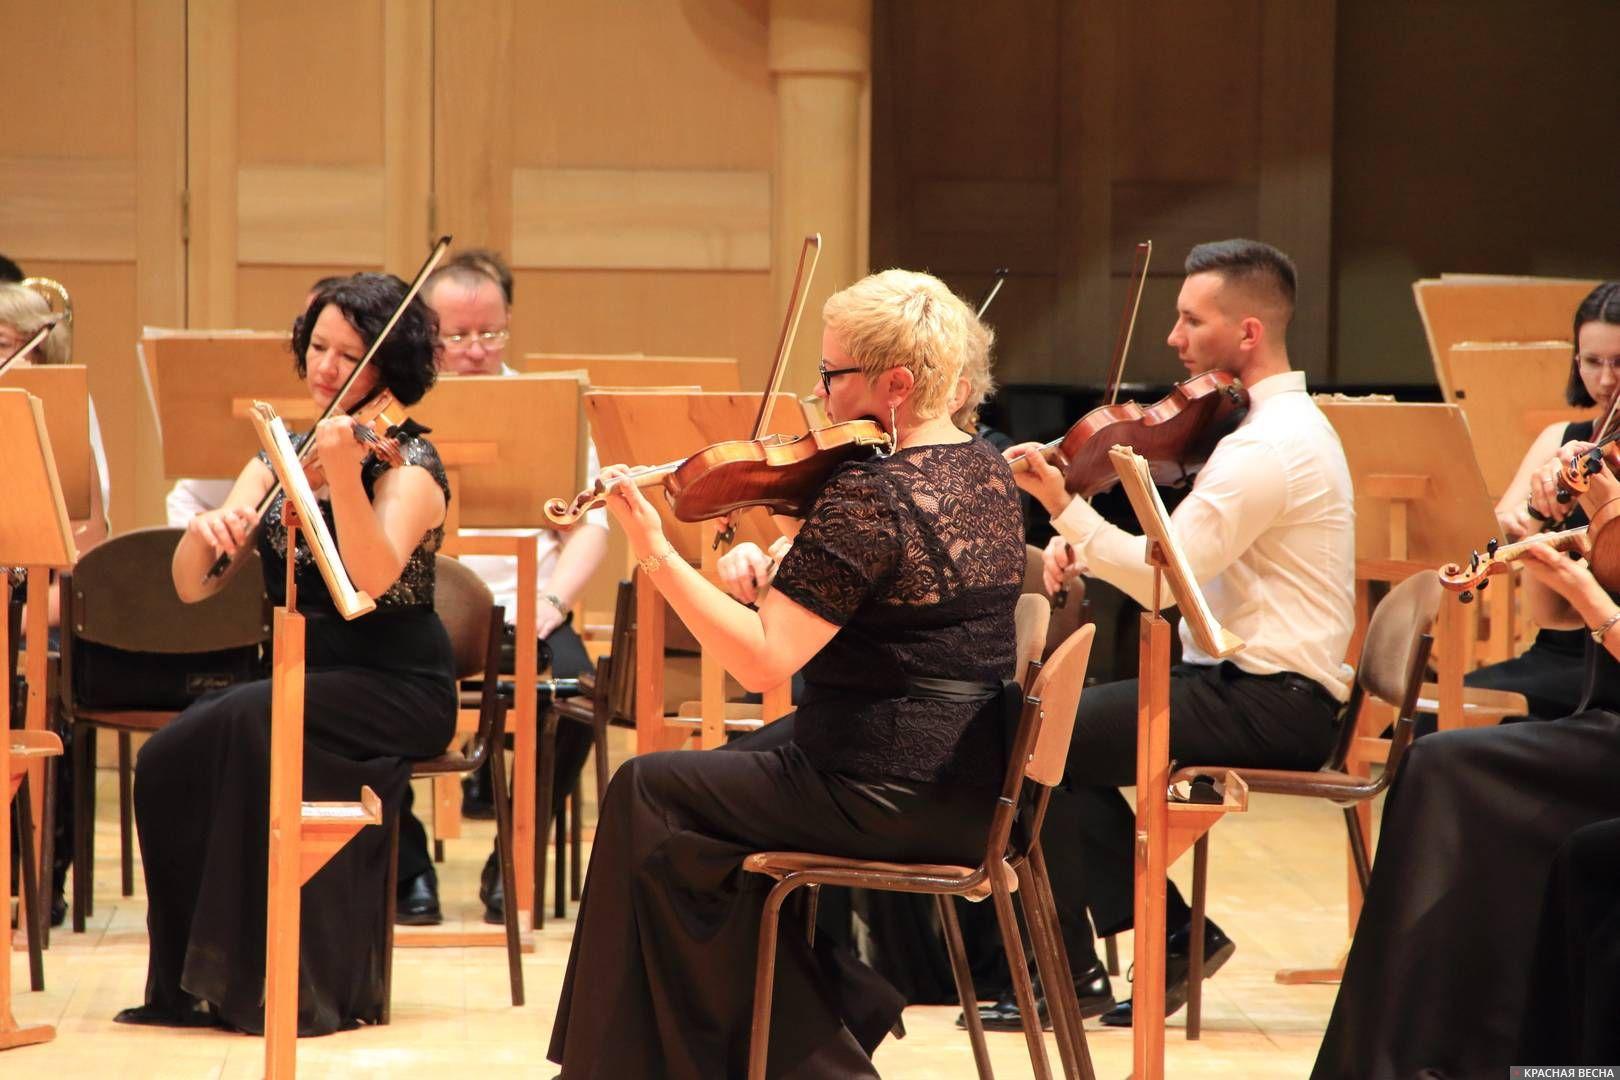 Самарская филармония. Симфонический оркестр. Музыканты